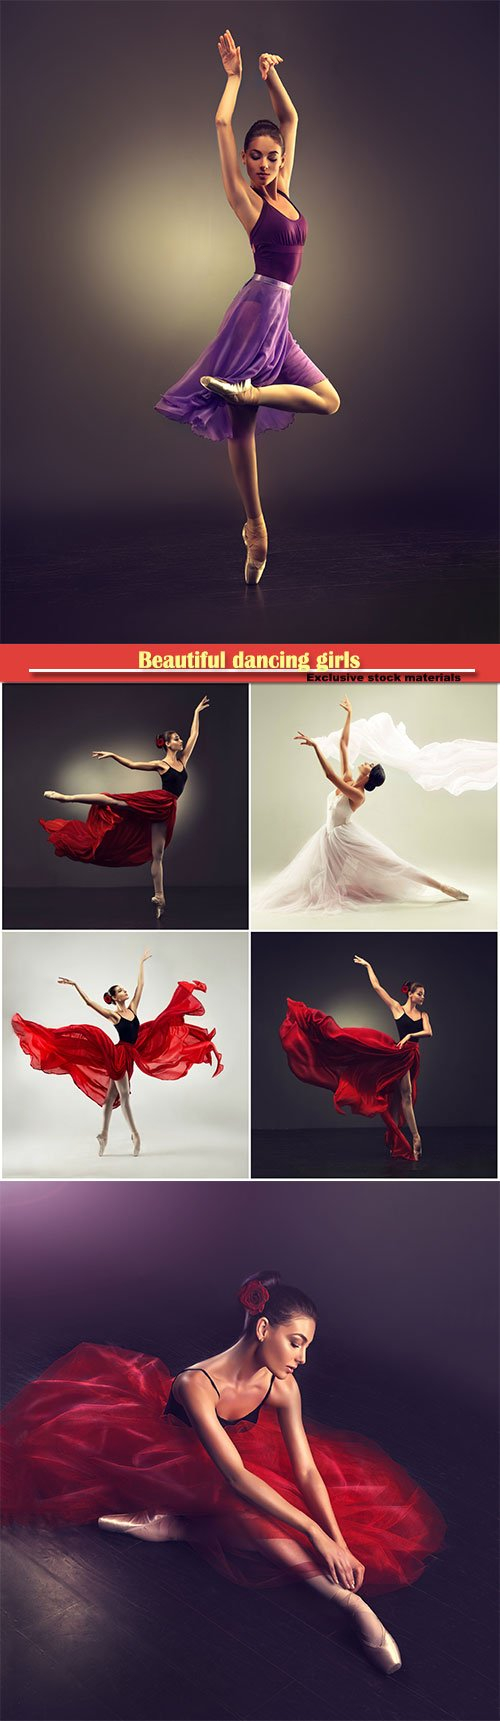 Beautiful dancing girls